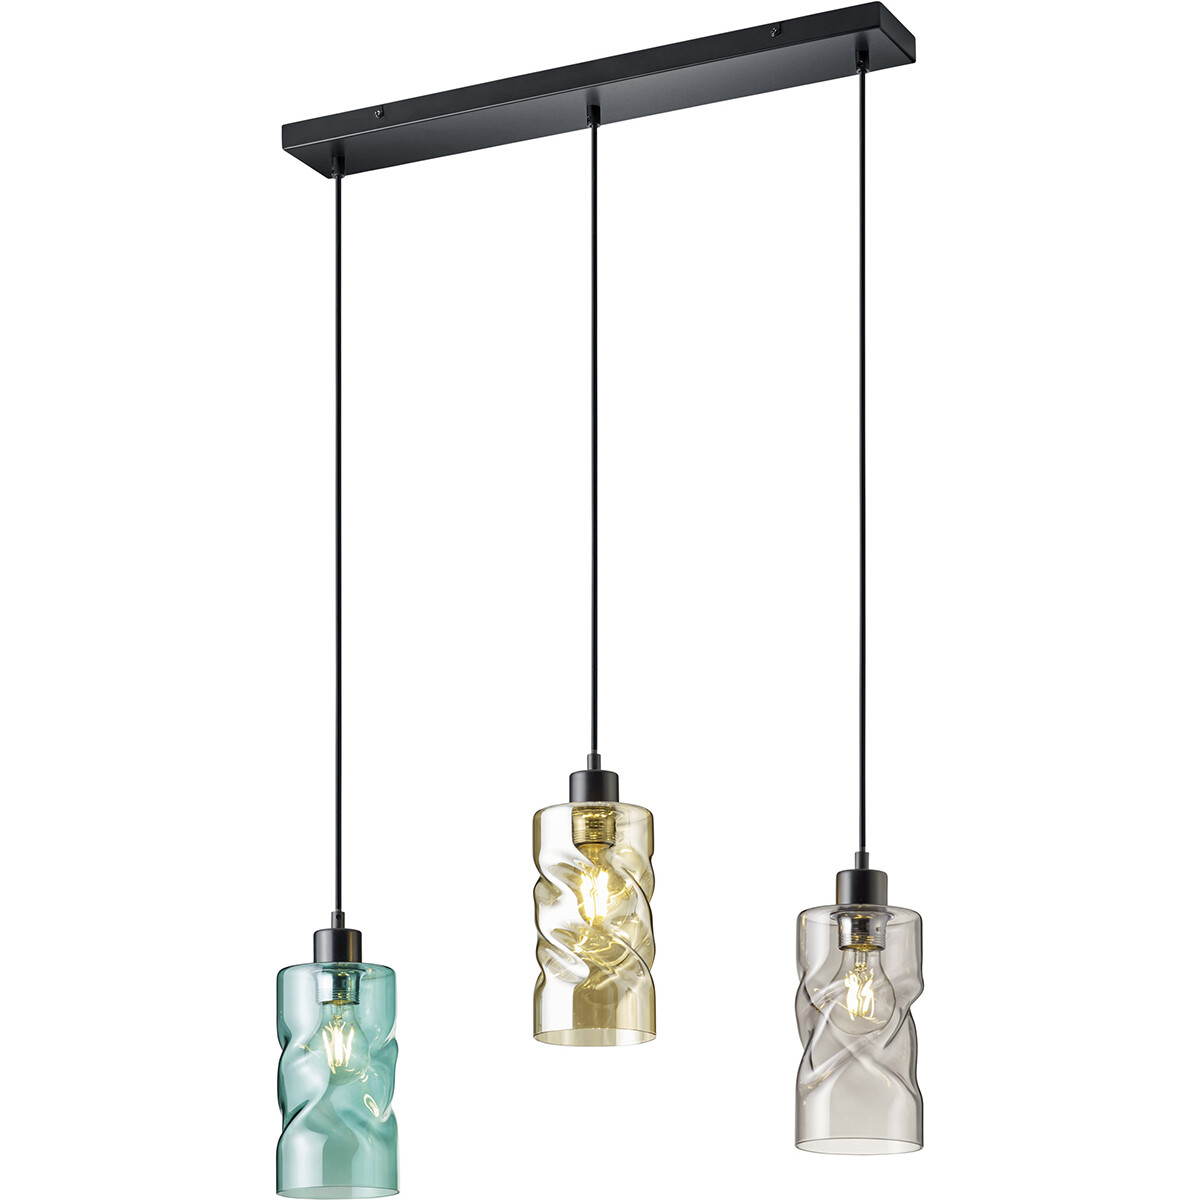 LED Hanglamp - Trion Swily - E27 Fitting - 3-lichts - Rechthoek - Mat Zwart - Aluminium